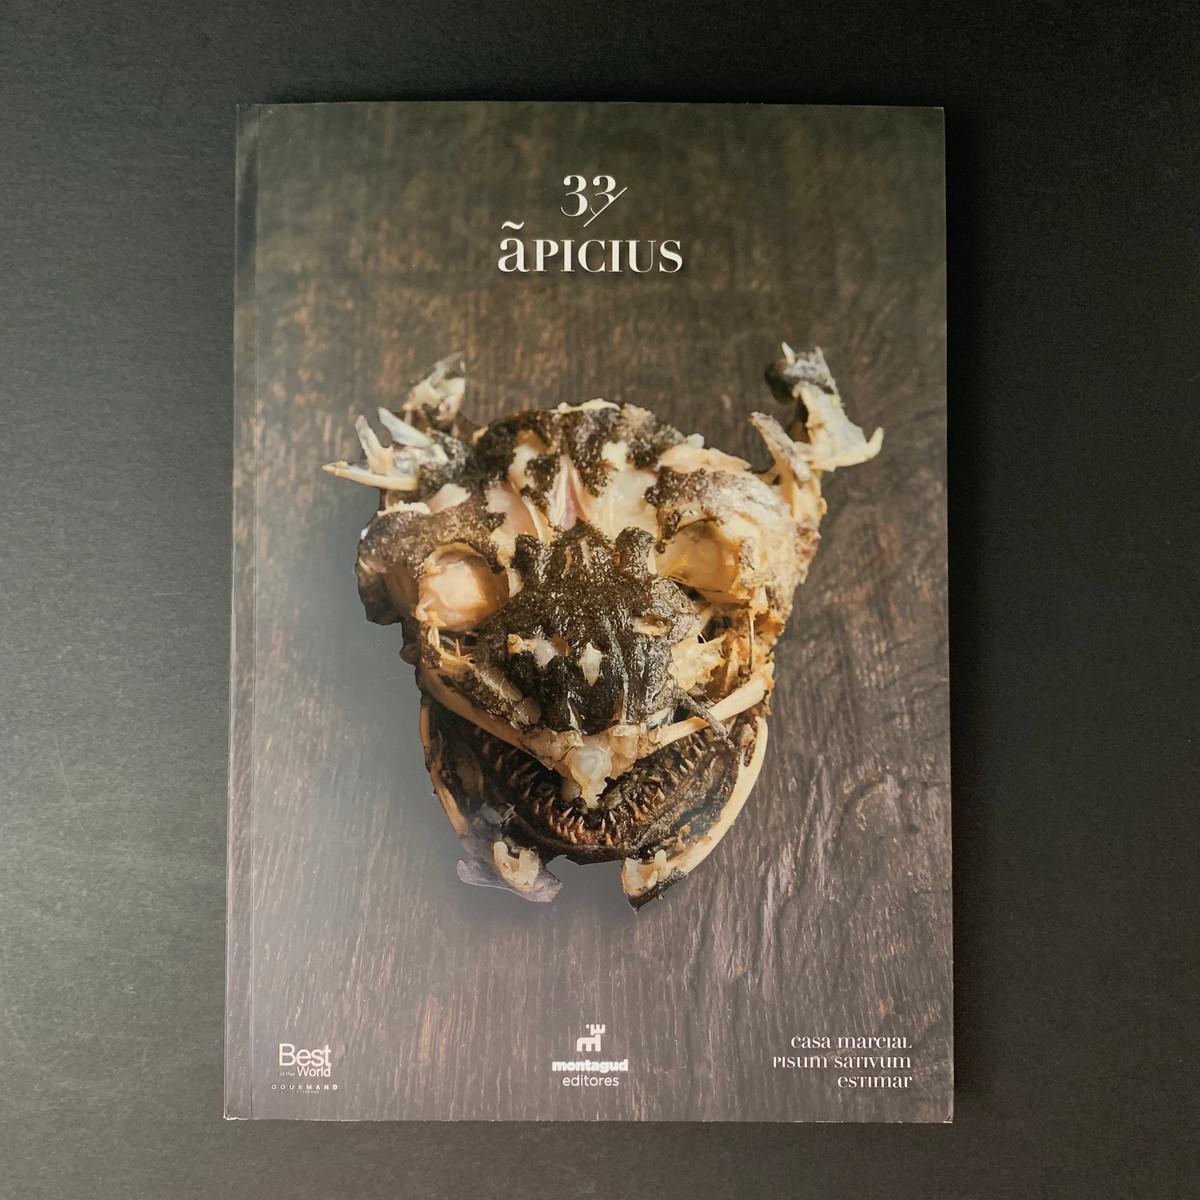 Apicius | #33